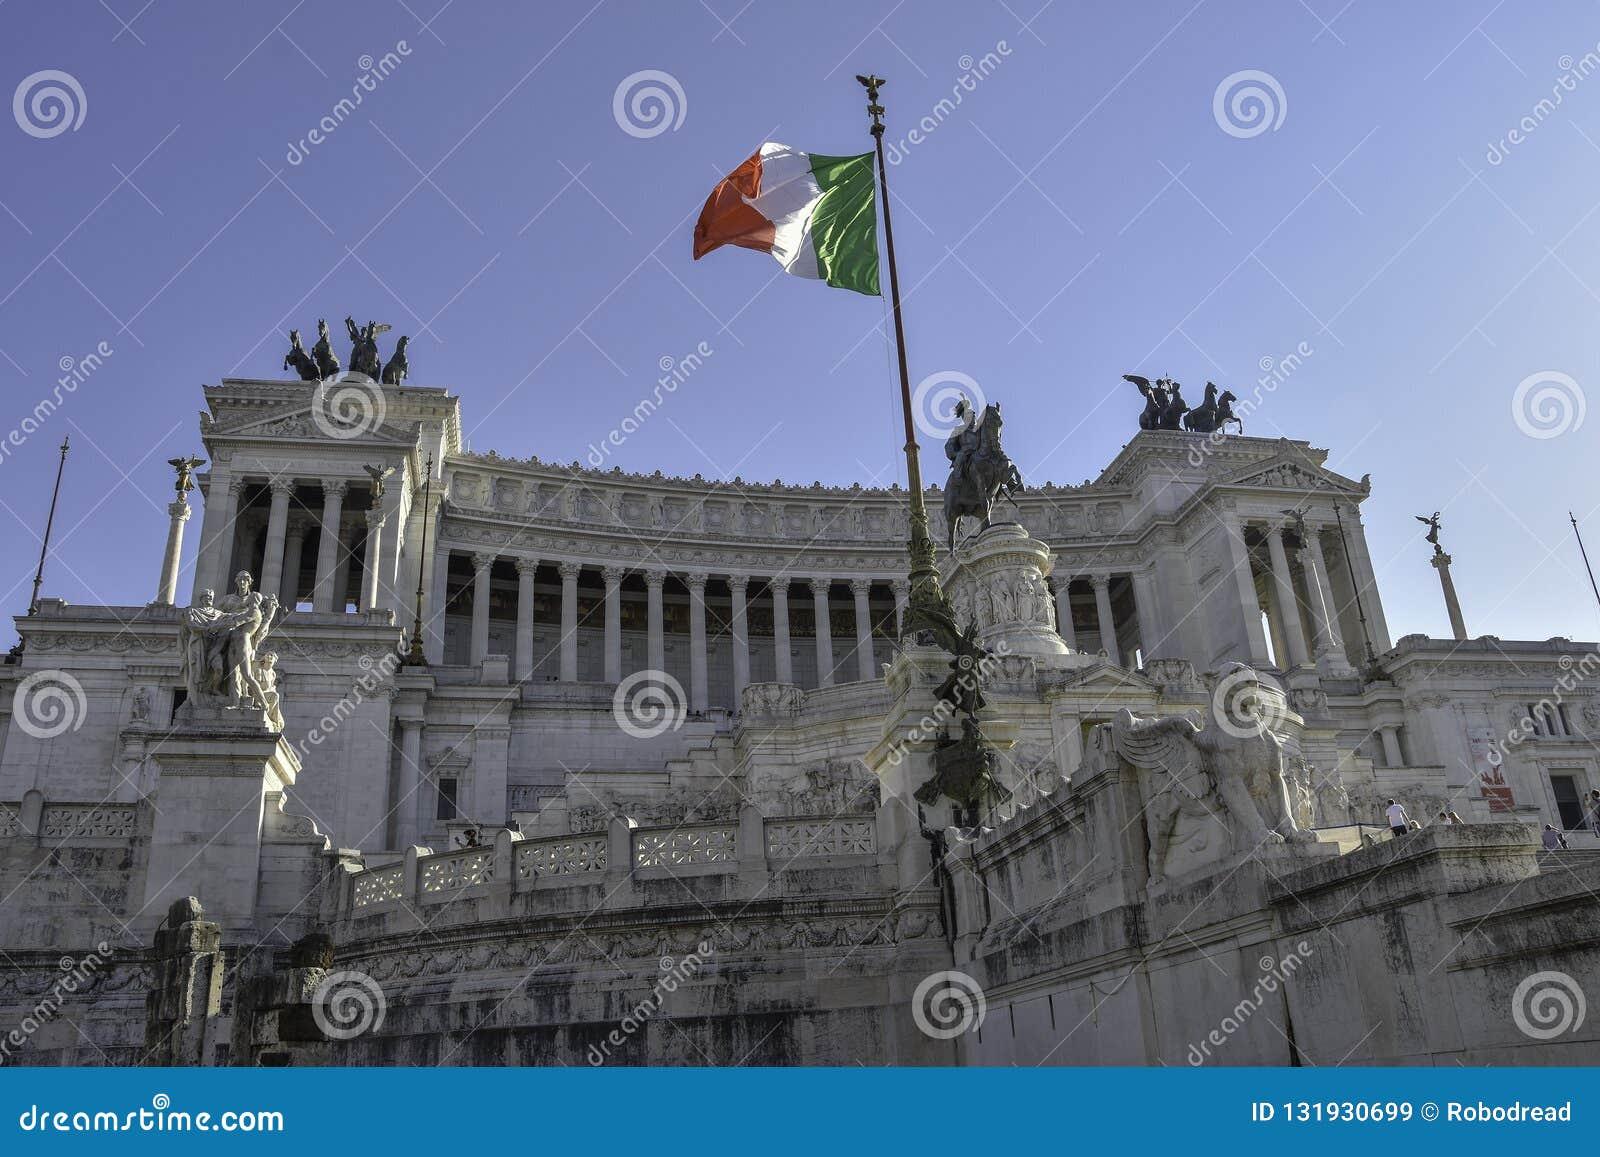 Altare della Patria, nationell monument till Vittorio Emanuele II